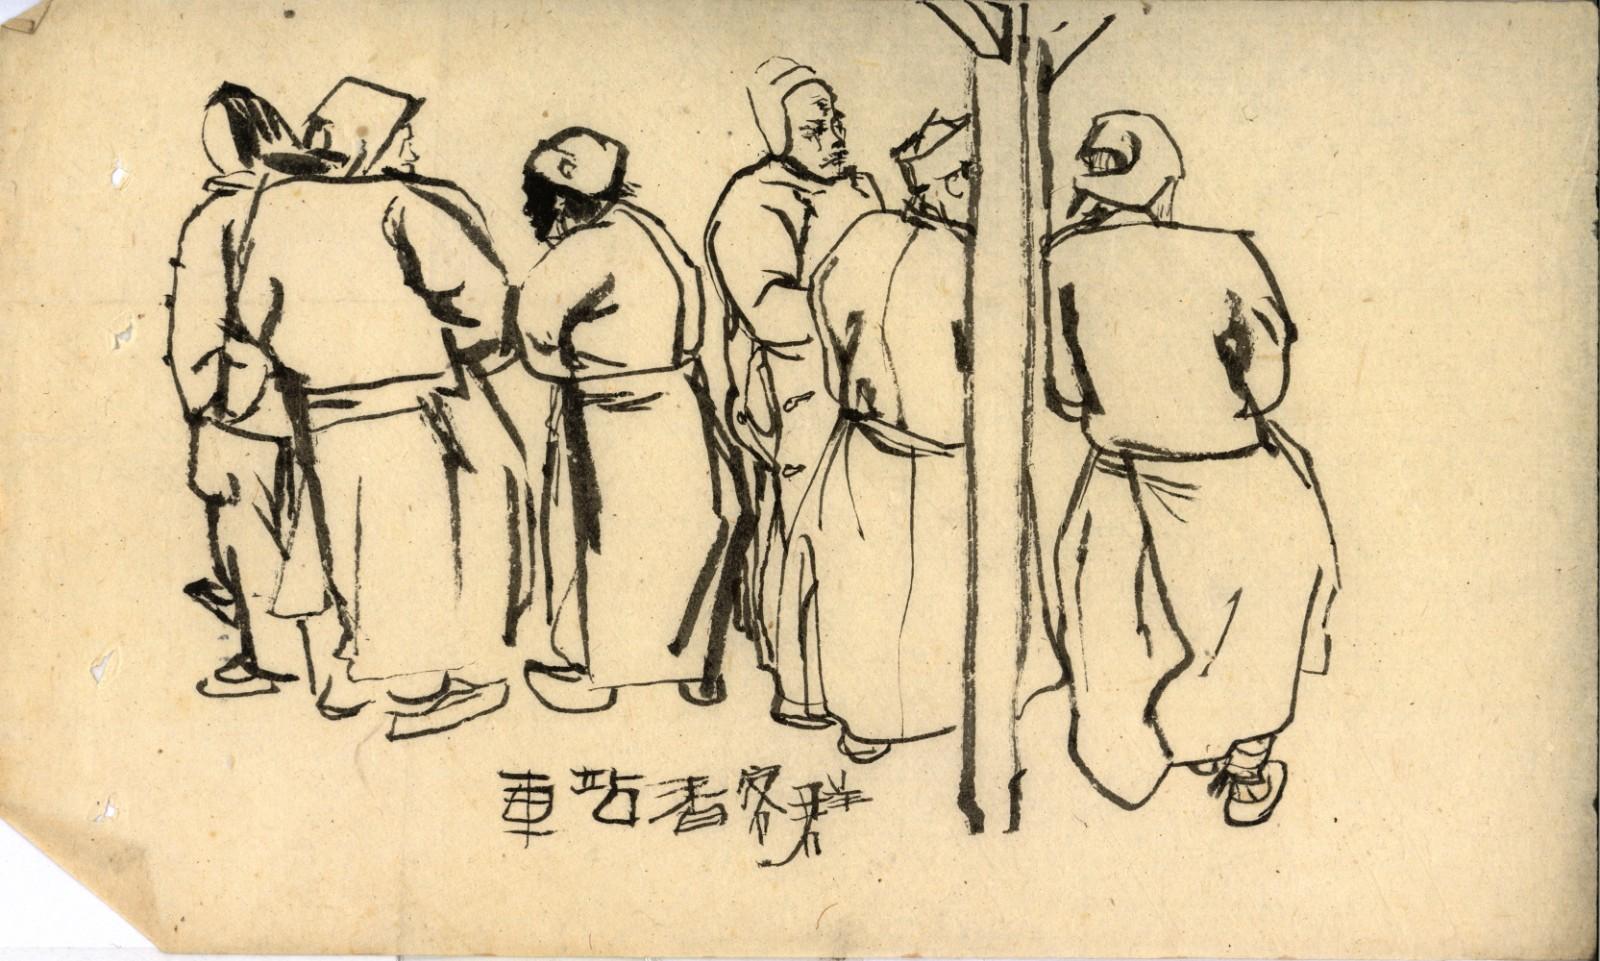 24《水乡的记忆》创 作素材之 42 袁运生 8.5×18.8cm 1962 纸本墨笔 2021年艺术家捐赠中央美术学院美术馆.jpg